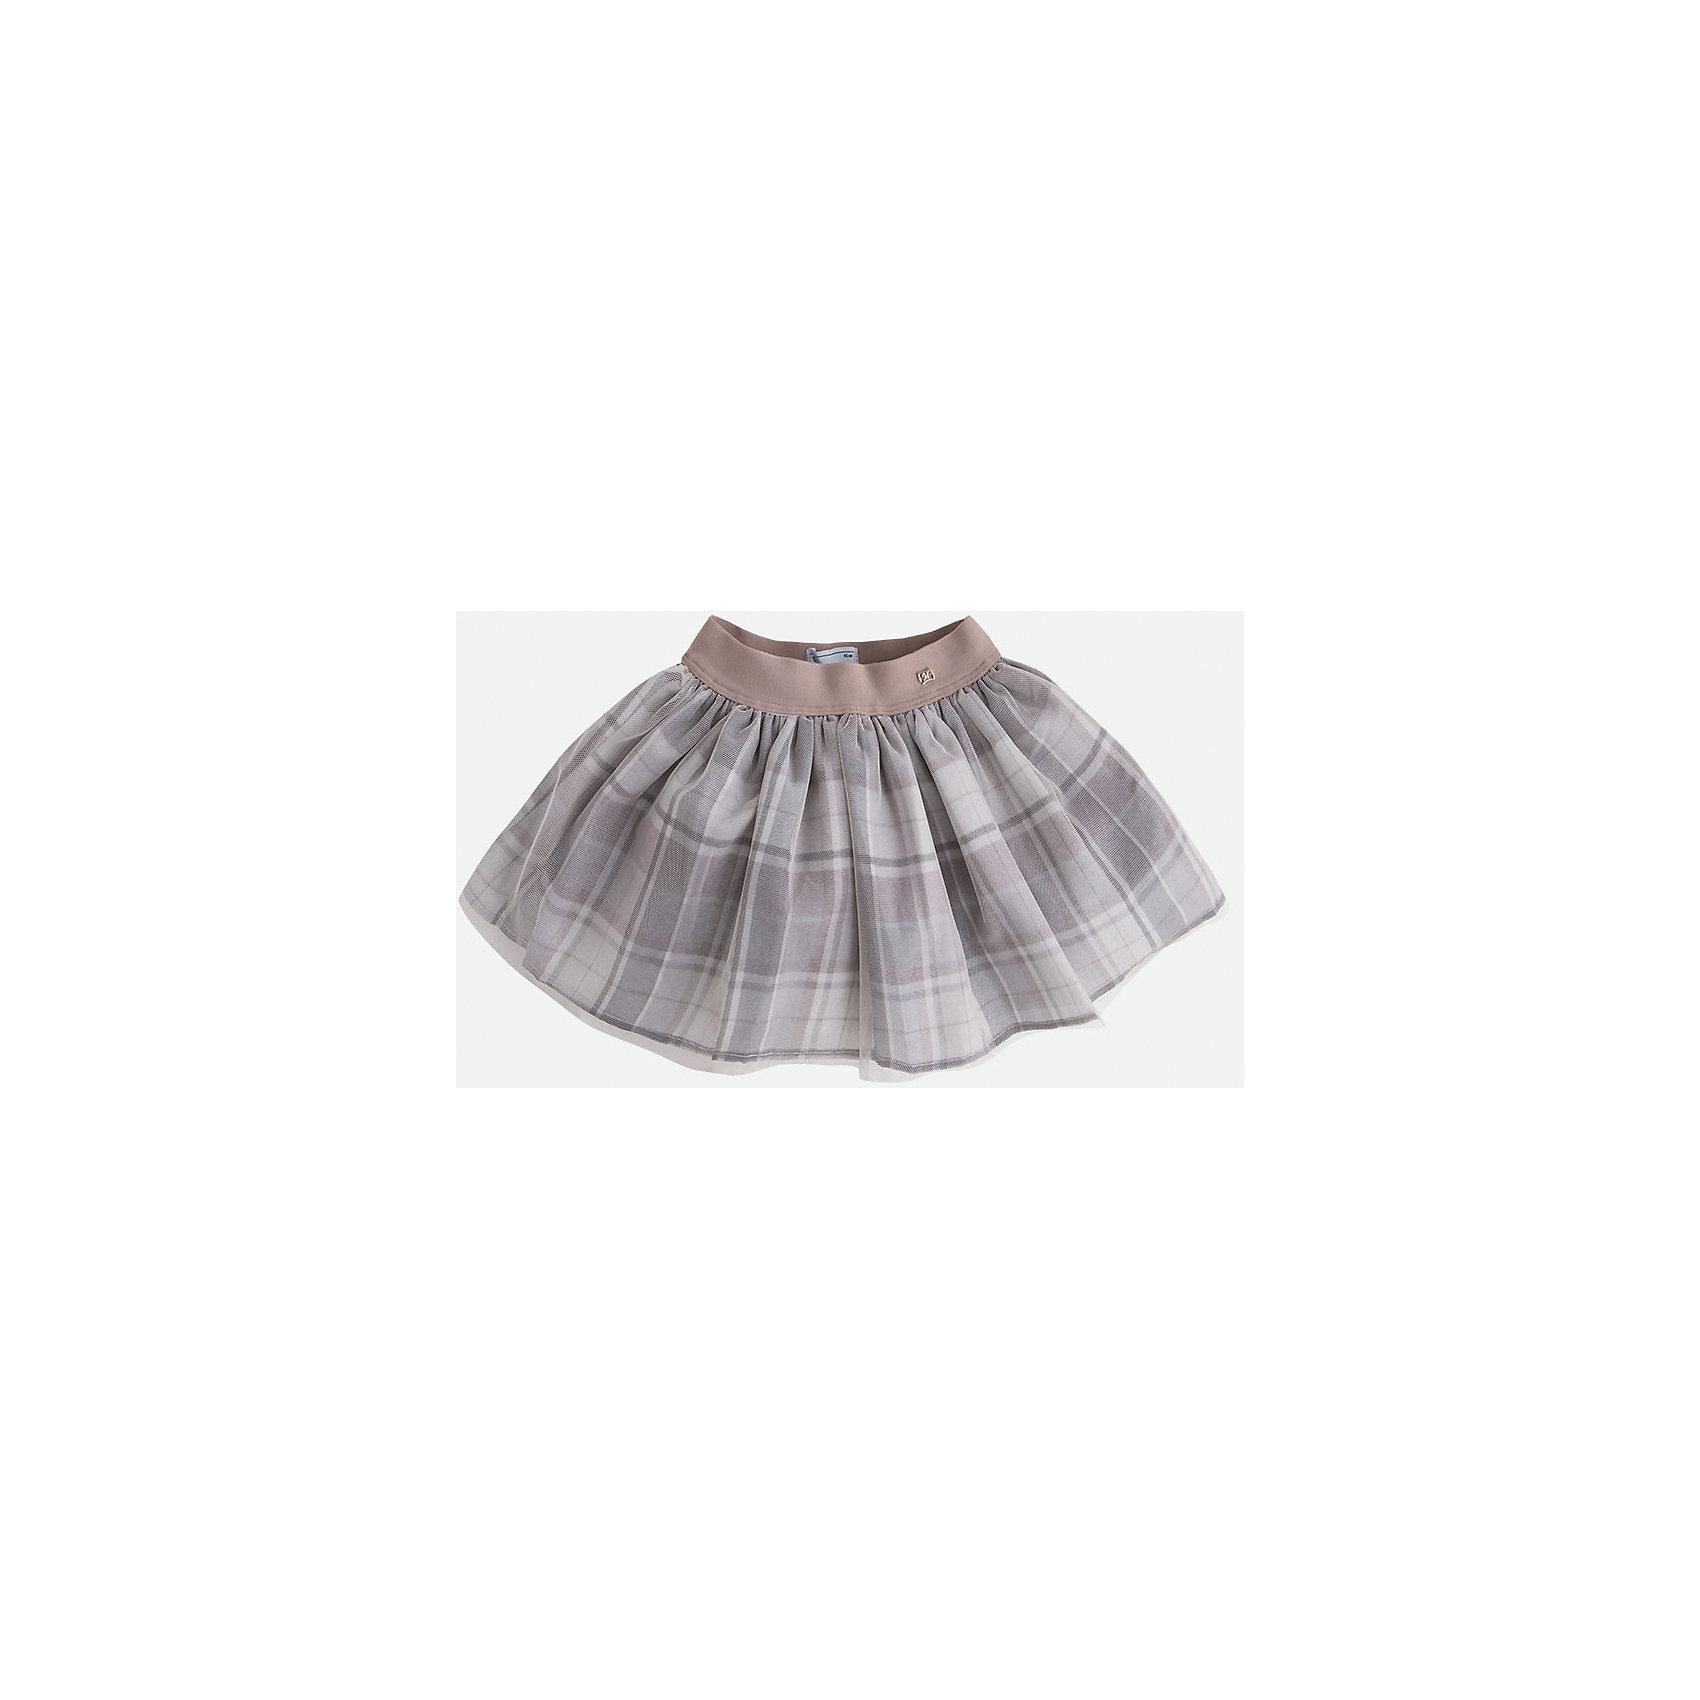 Юбка для девочки MayoralМилая, кокетливая юбка для маленьких модниц с очаровательными складками, которые придают игривость и очарование данной модели, а клетка делает ее хитом нынешнего сезона. Модель дополнена эластичной резинкой на поясе.<br><br>Дополнительная информация: <br><br>- цвет: серый<br>- состав: полиэстер 100% ;подкладка: полиэстер 100%<br>- фактура материала: текстильный<br>- вид застежки: молния<br>- длина изделия: по спинке: 48 см<br>- длина юбки: миди<br>- тип посадки: средняя посадка<br>- тип карманов: без карманов<br>- уход за вещами: бережная стирка при 30 градусах<br>- рисунок: без рисунка<br>- назначение: праздничная<br>- сезон: круглогодичный<br>- пол: девочки<br>- страна бренда: Испания<br>- комплектация: юбка<br><br>Юбку для девочки торговой марки Mayoral можно купить в нашем интернет-магазине.<br><br>Ширина мм: 207<br>Глубина мм: 10<br>Высота мм: 189<br>Вес г: 183<br>Цвет: серый<br>Возраст от месяцев: 96<br>Возраст до месяцев: 108<br>Пол: Женский<br>Возраст: Детский<br>Размер: 128,104,116,98,110,122,134<br>SKU: 4844298